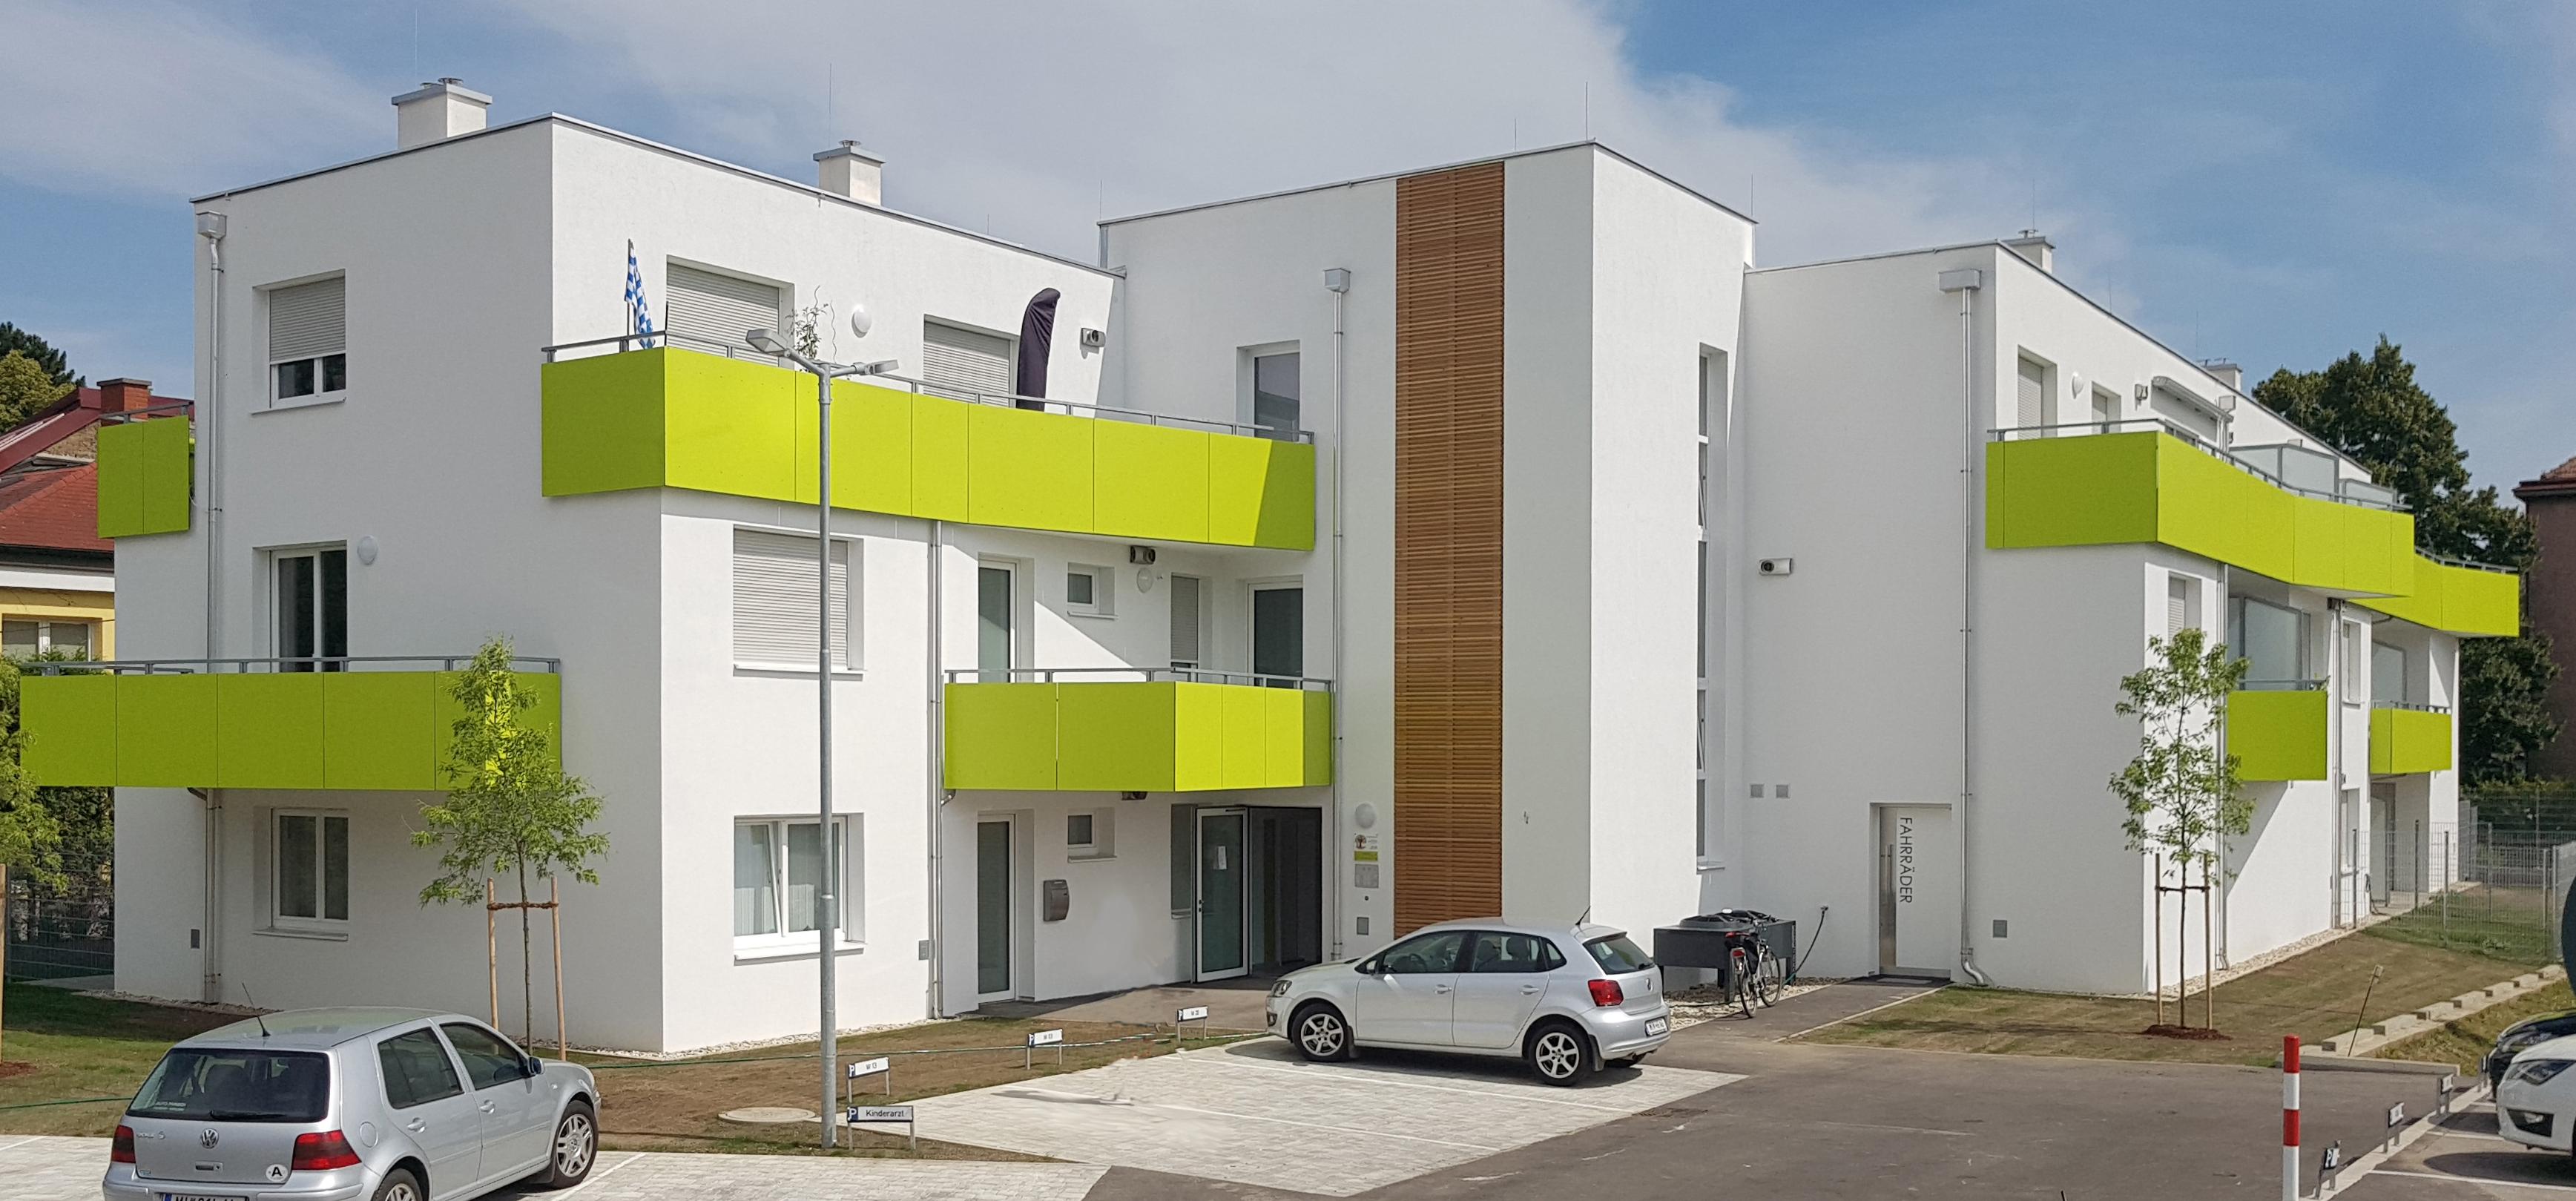 Wohnanlage in Mistelbach